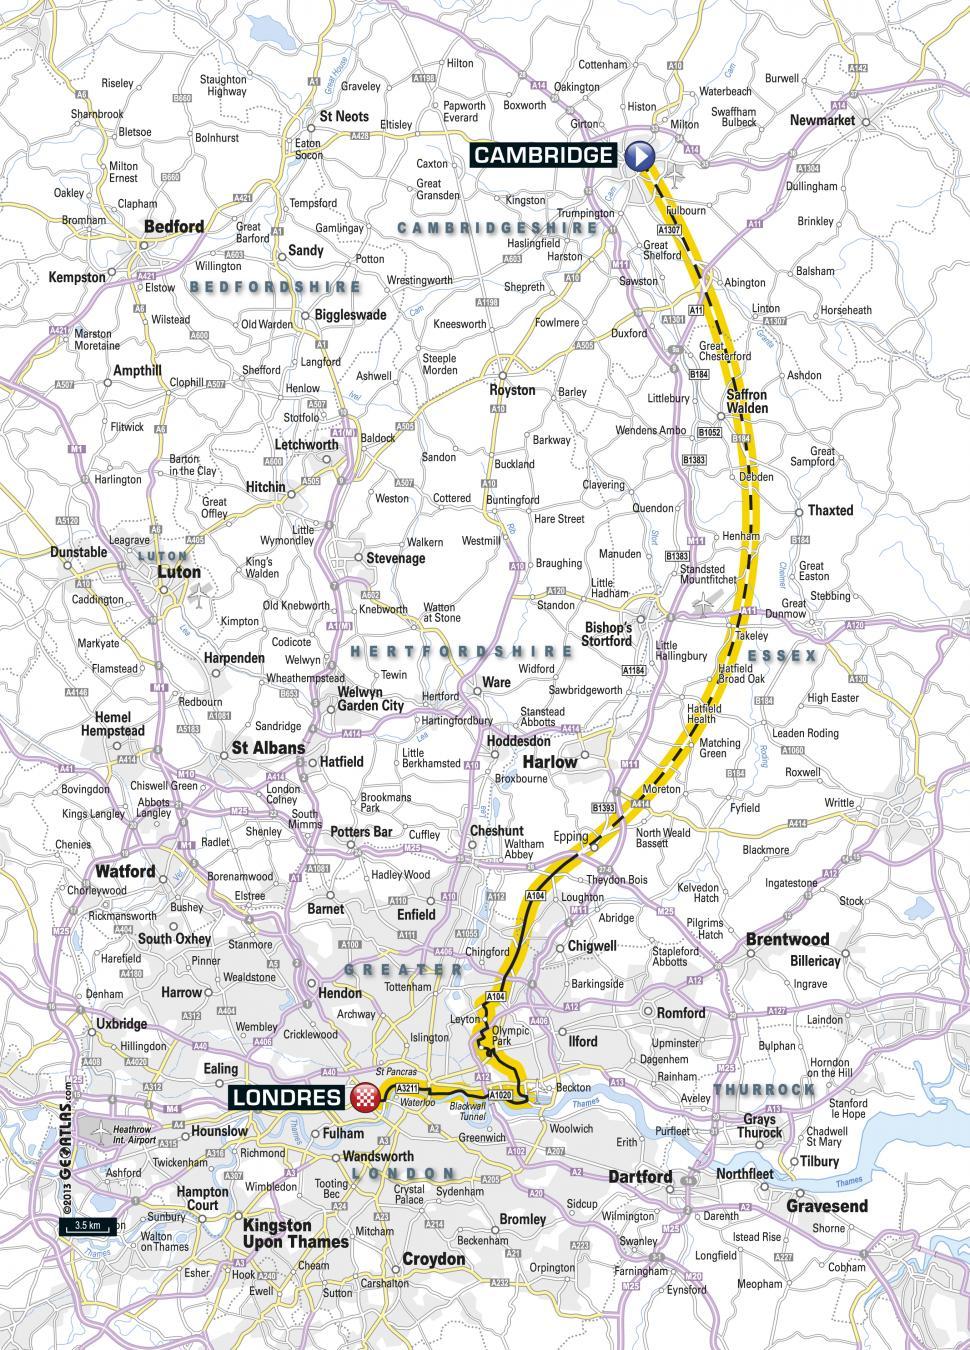 2014 Tour de France stage_3